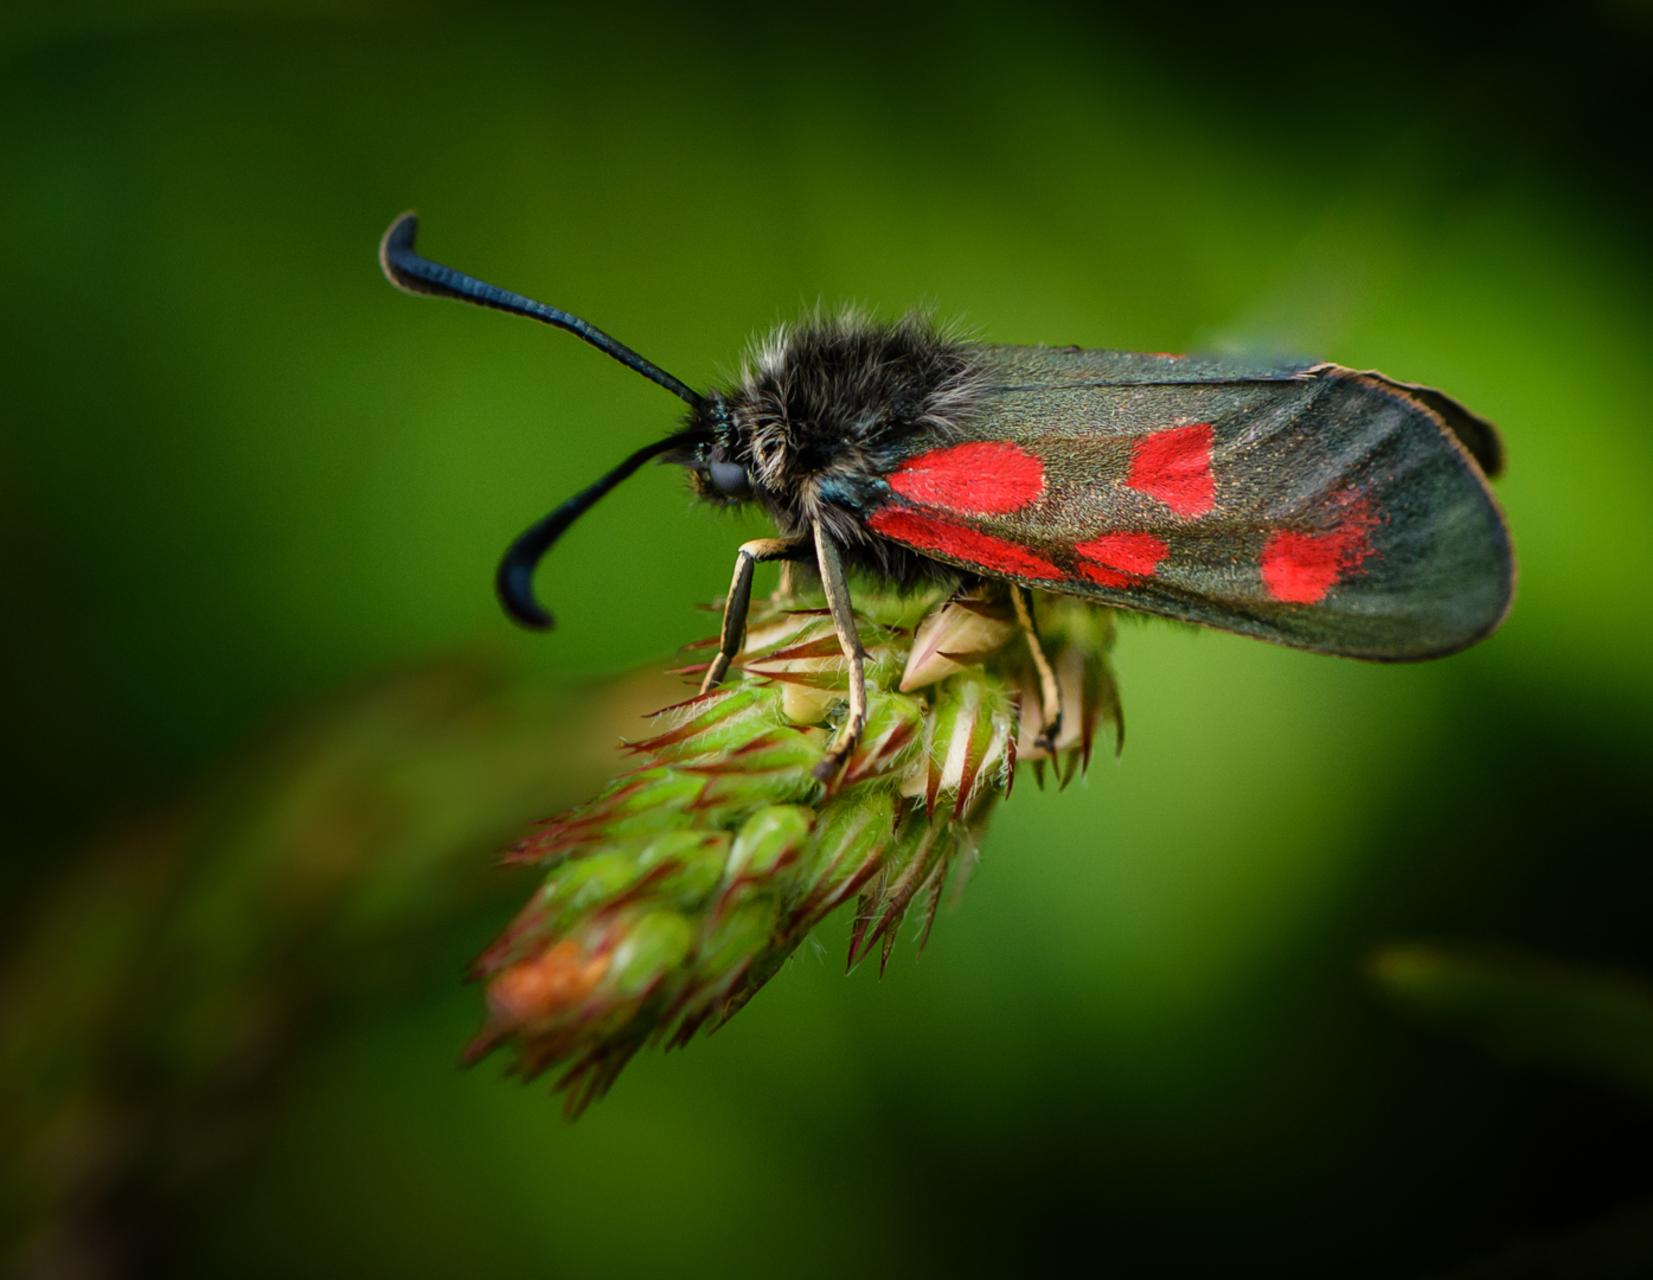 Ein Sechsfleck-Widderchen (Insekt mit langen Fühlern und roten Punkten auf den Flügeln) auf einer Pflanze.